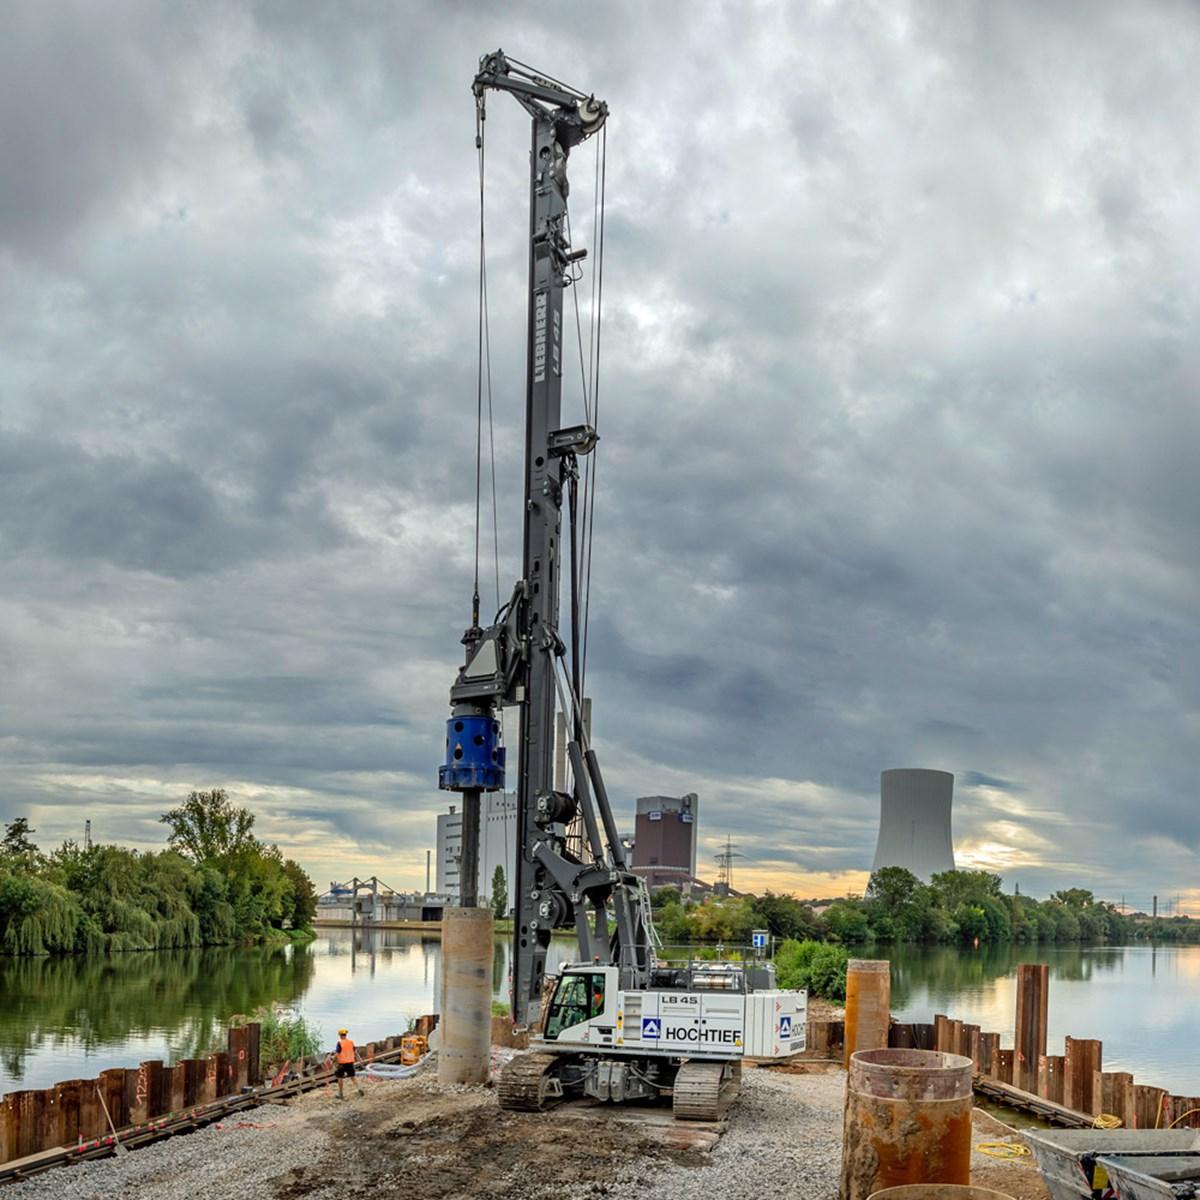 liebherr-lb-45-drilling-rig-kelly-drilling-2-1.jpg